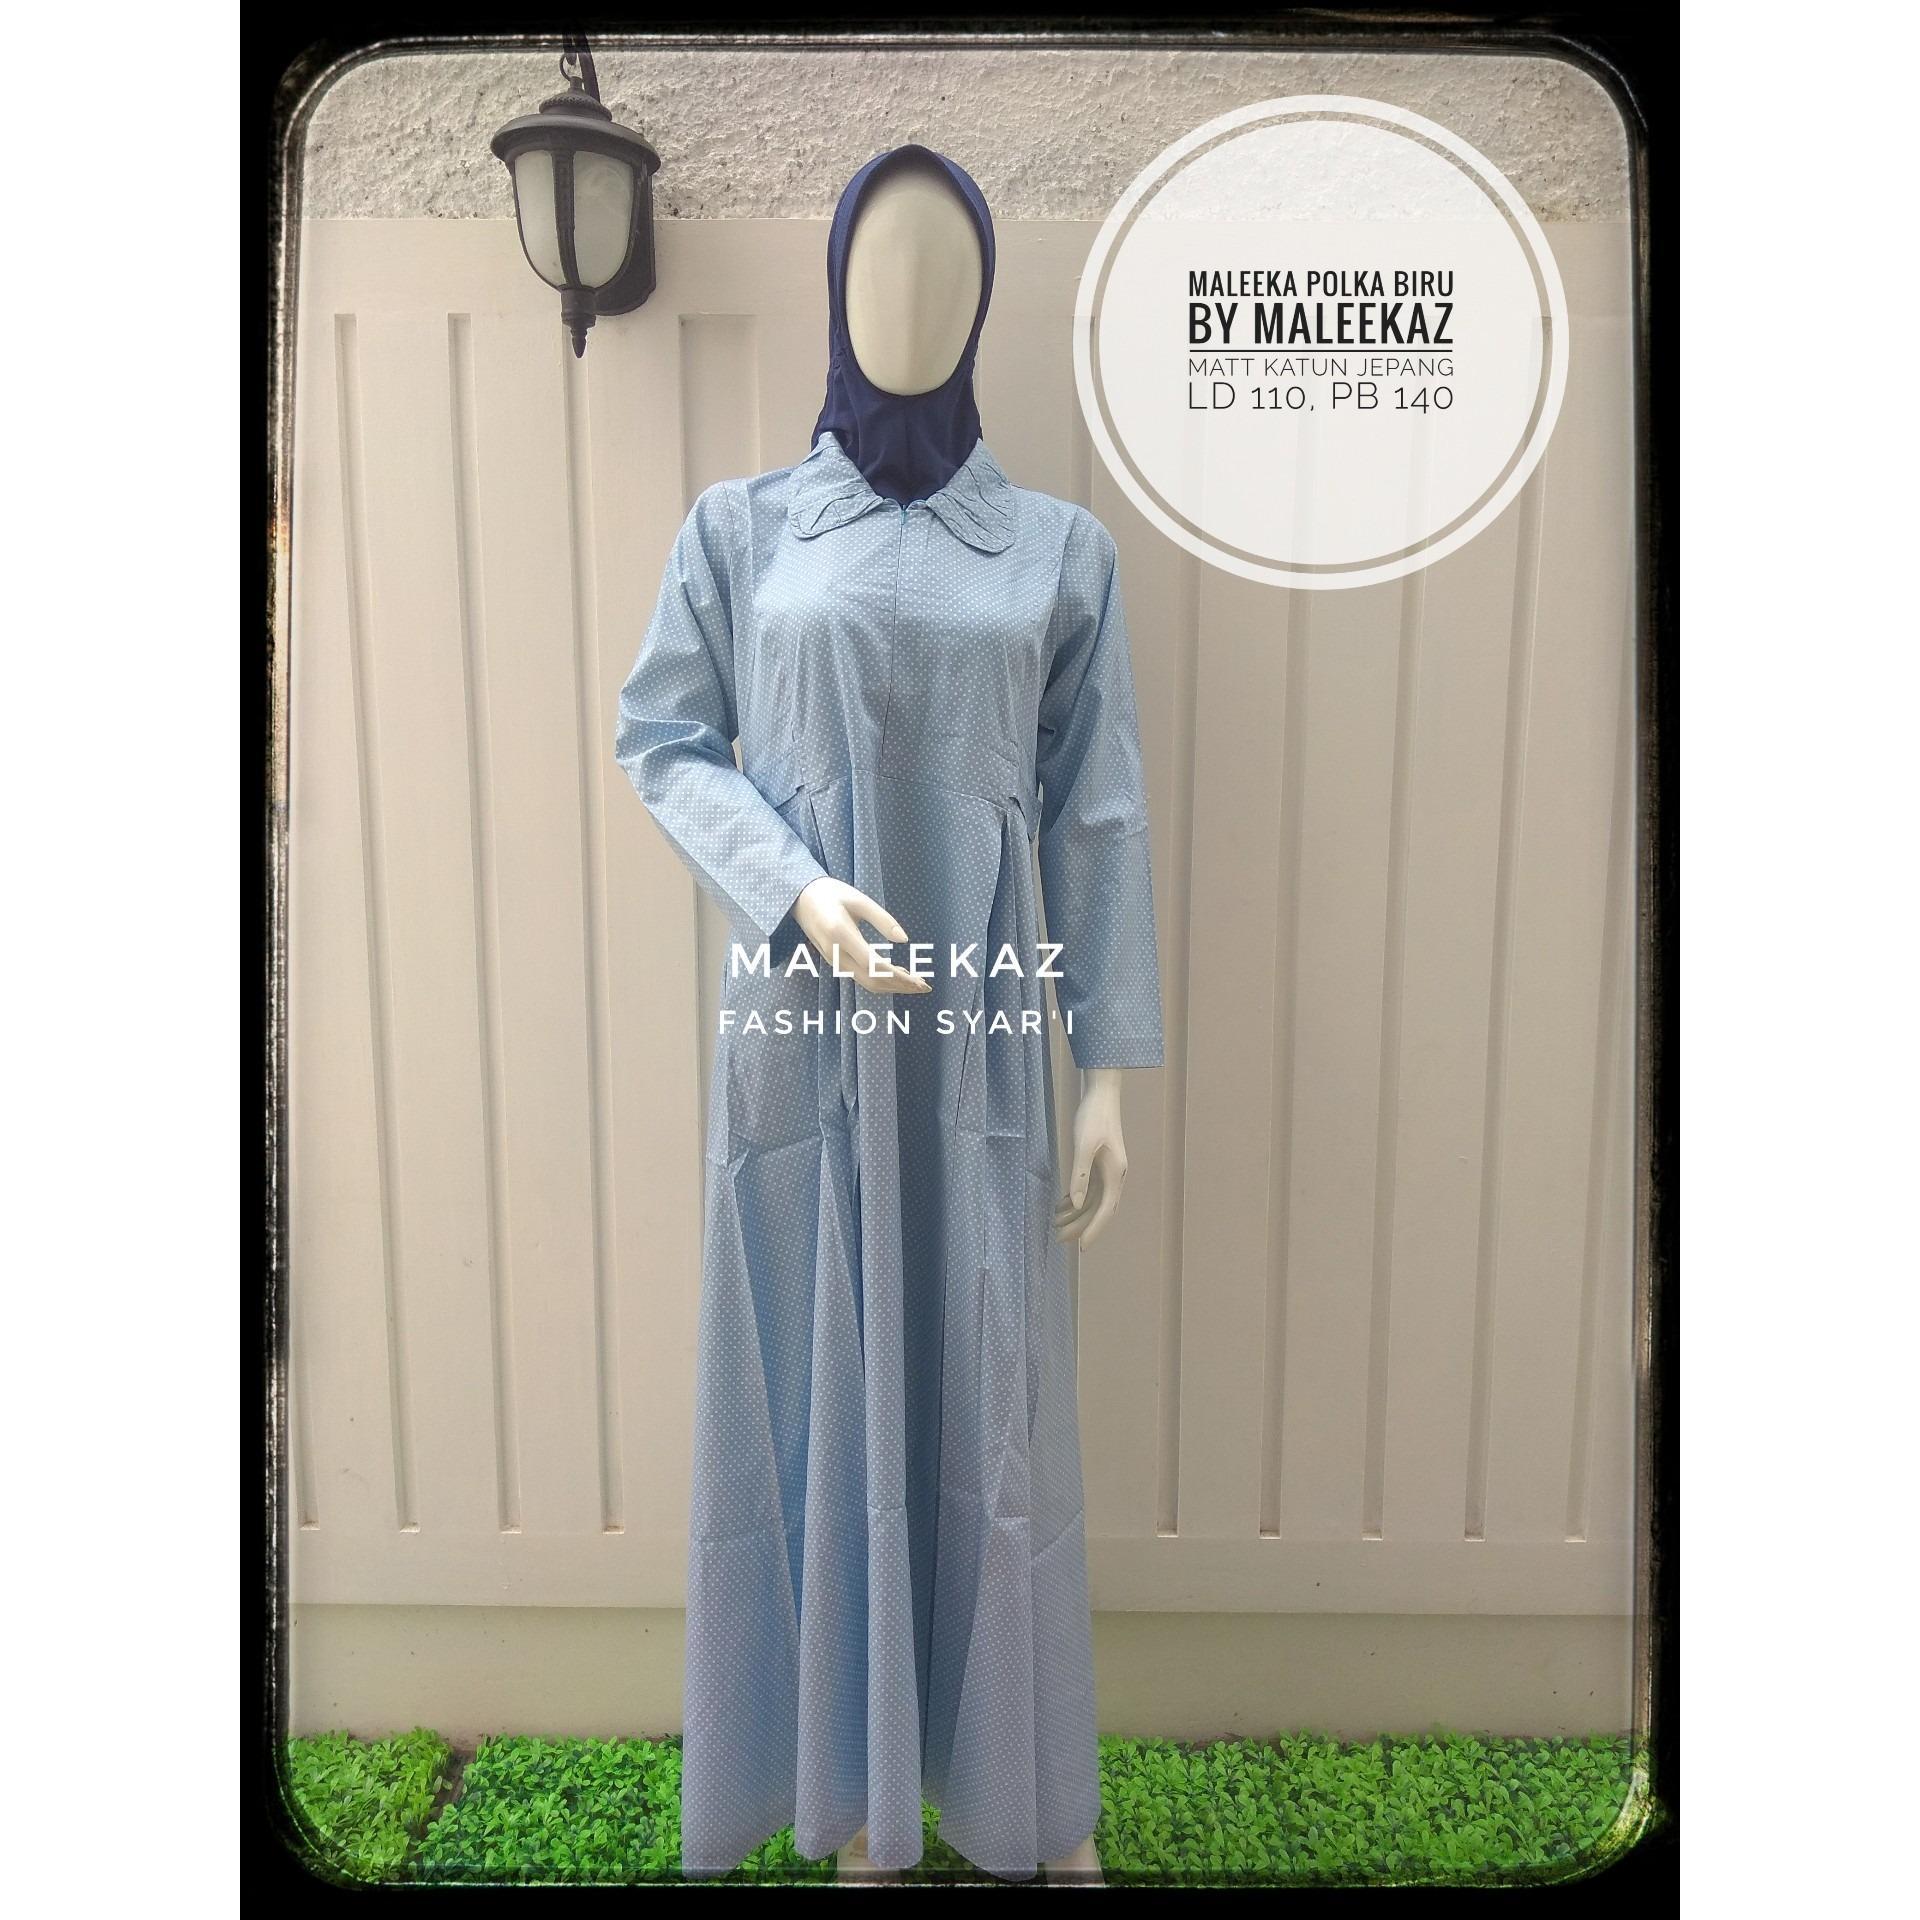 Spesifikasi Gamis Katun Jepang Syari Maleeka Polka Dress Biru Muda Baru